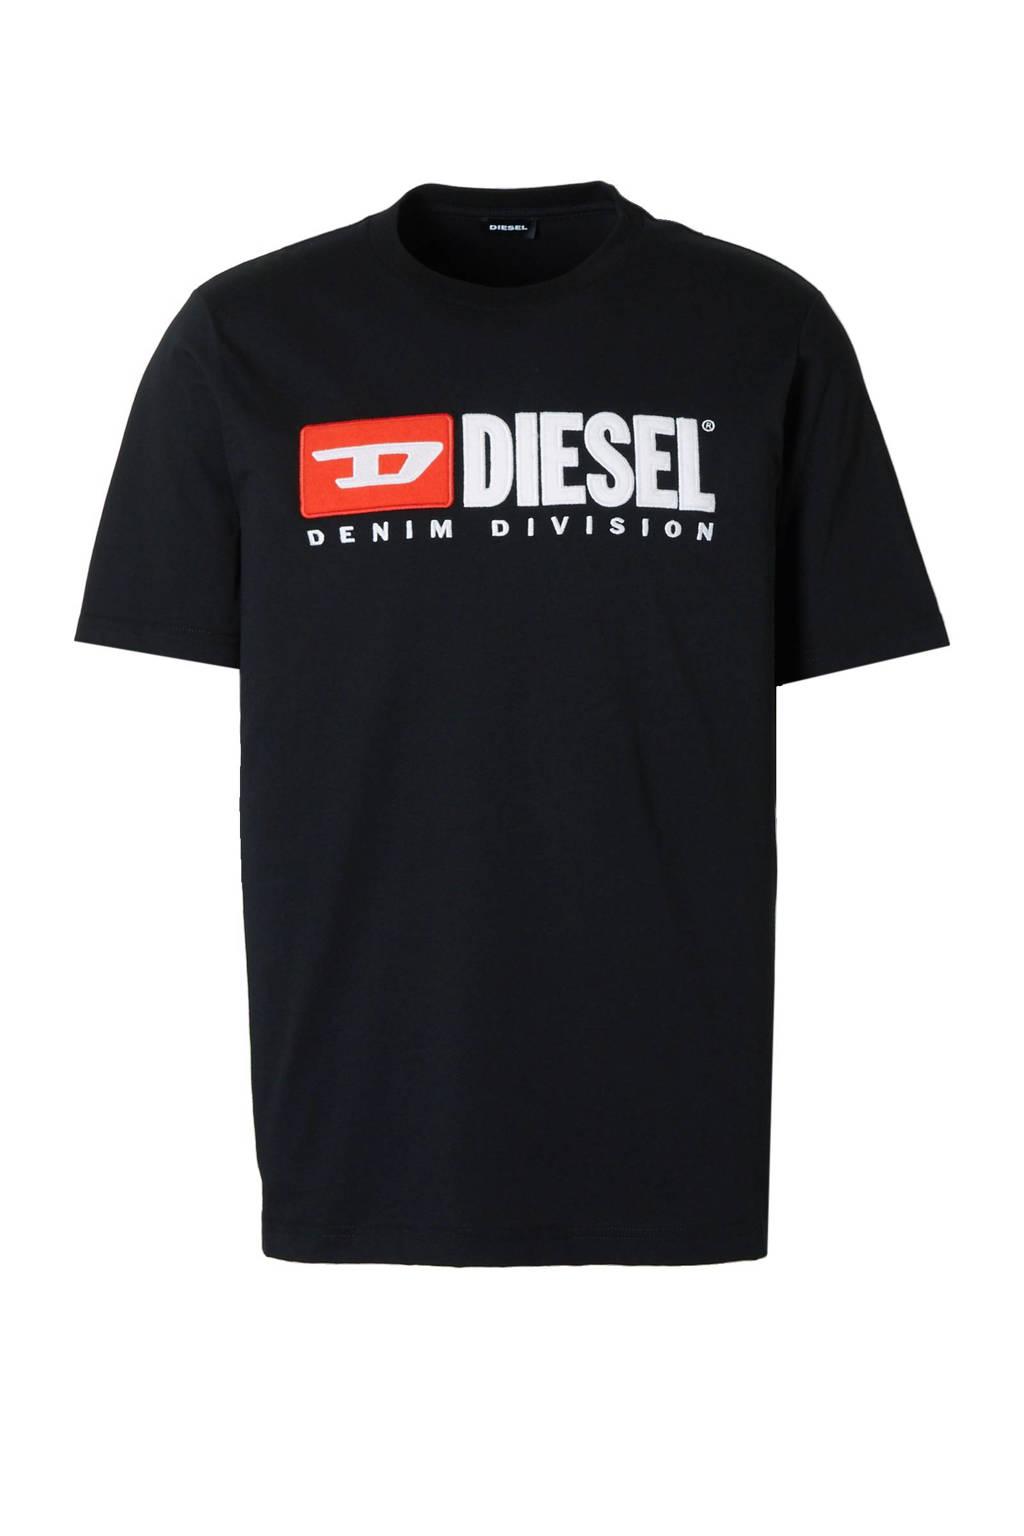 Diesel Just T-shirt, Zwart/rood/wit